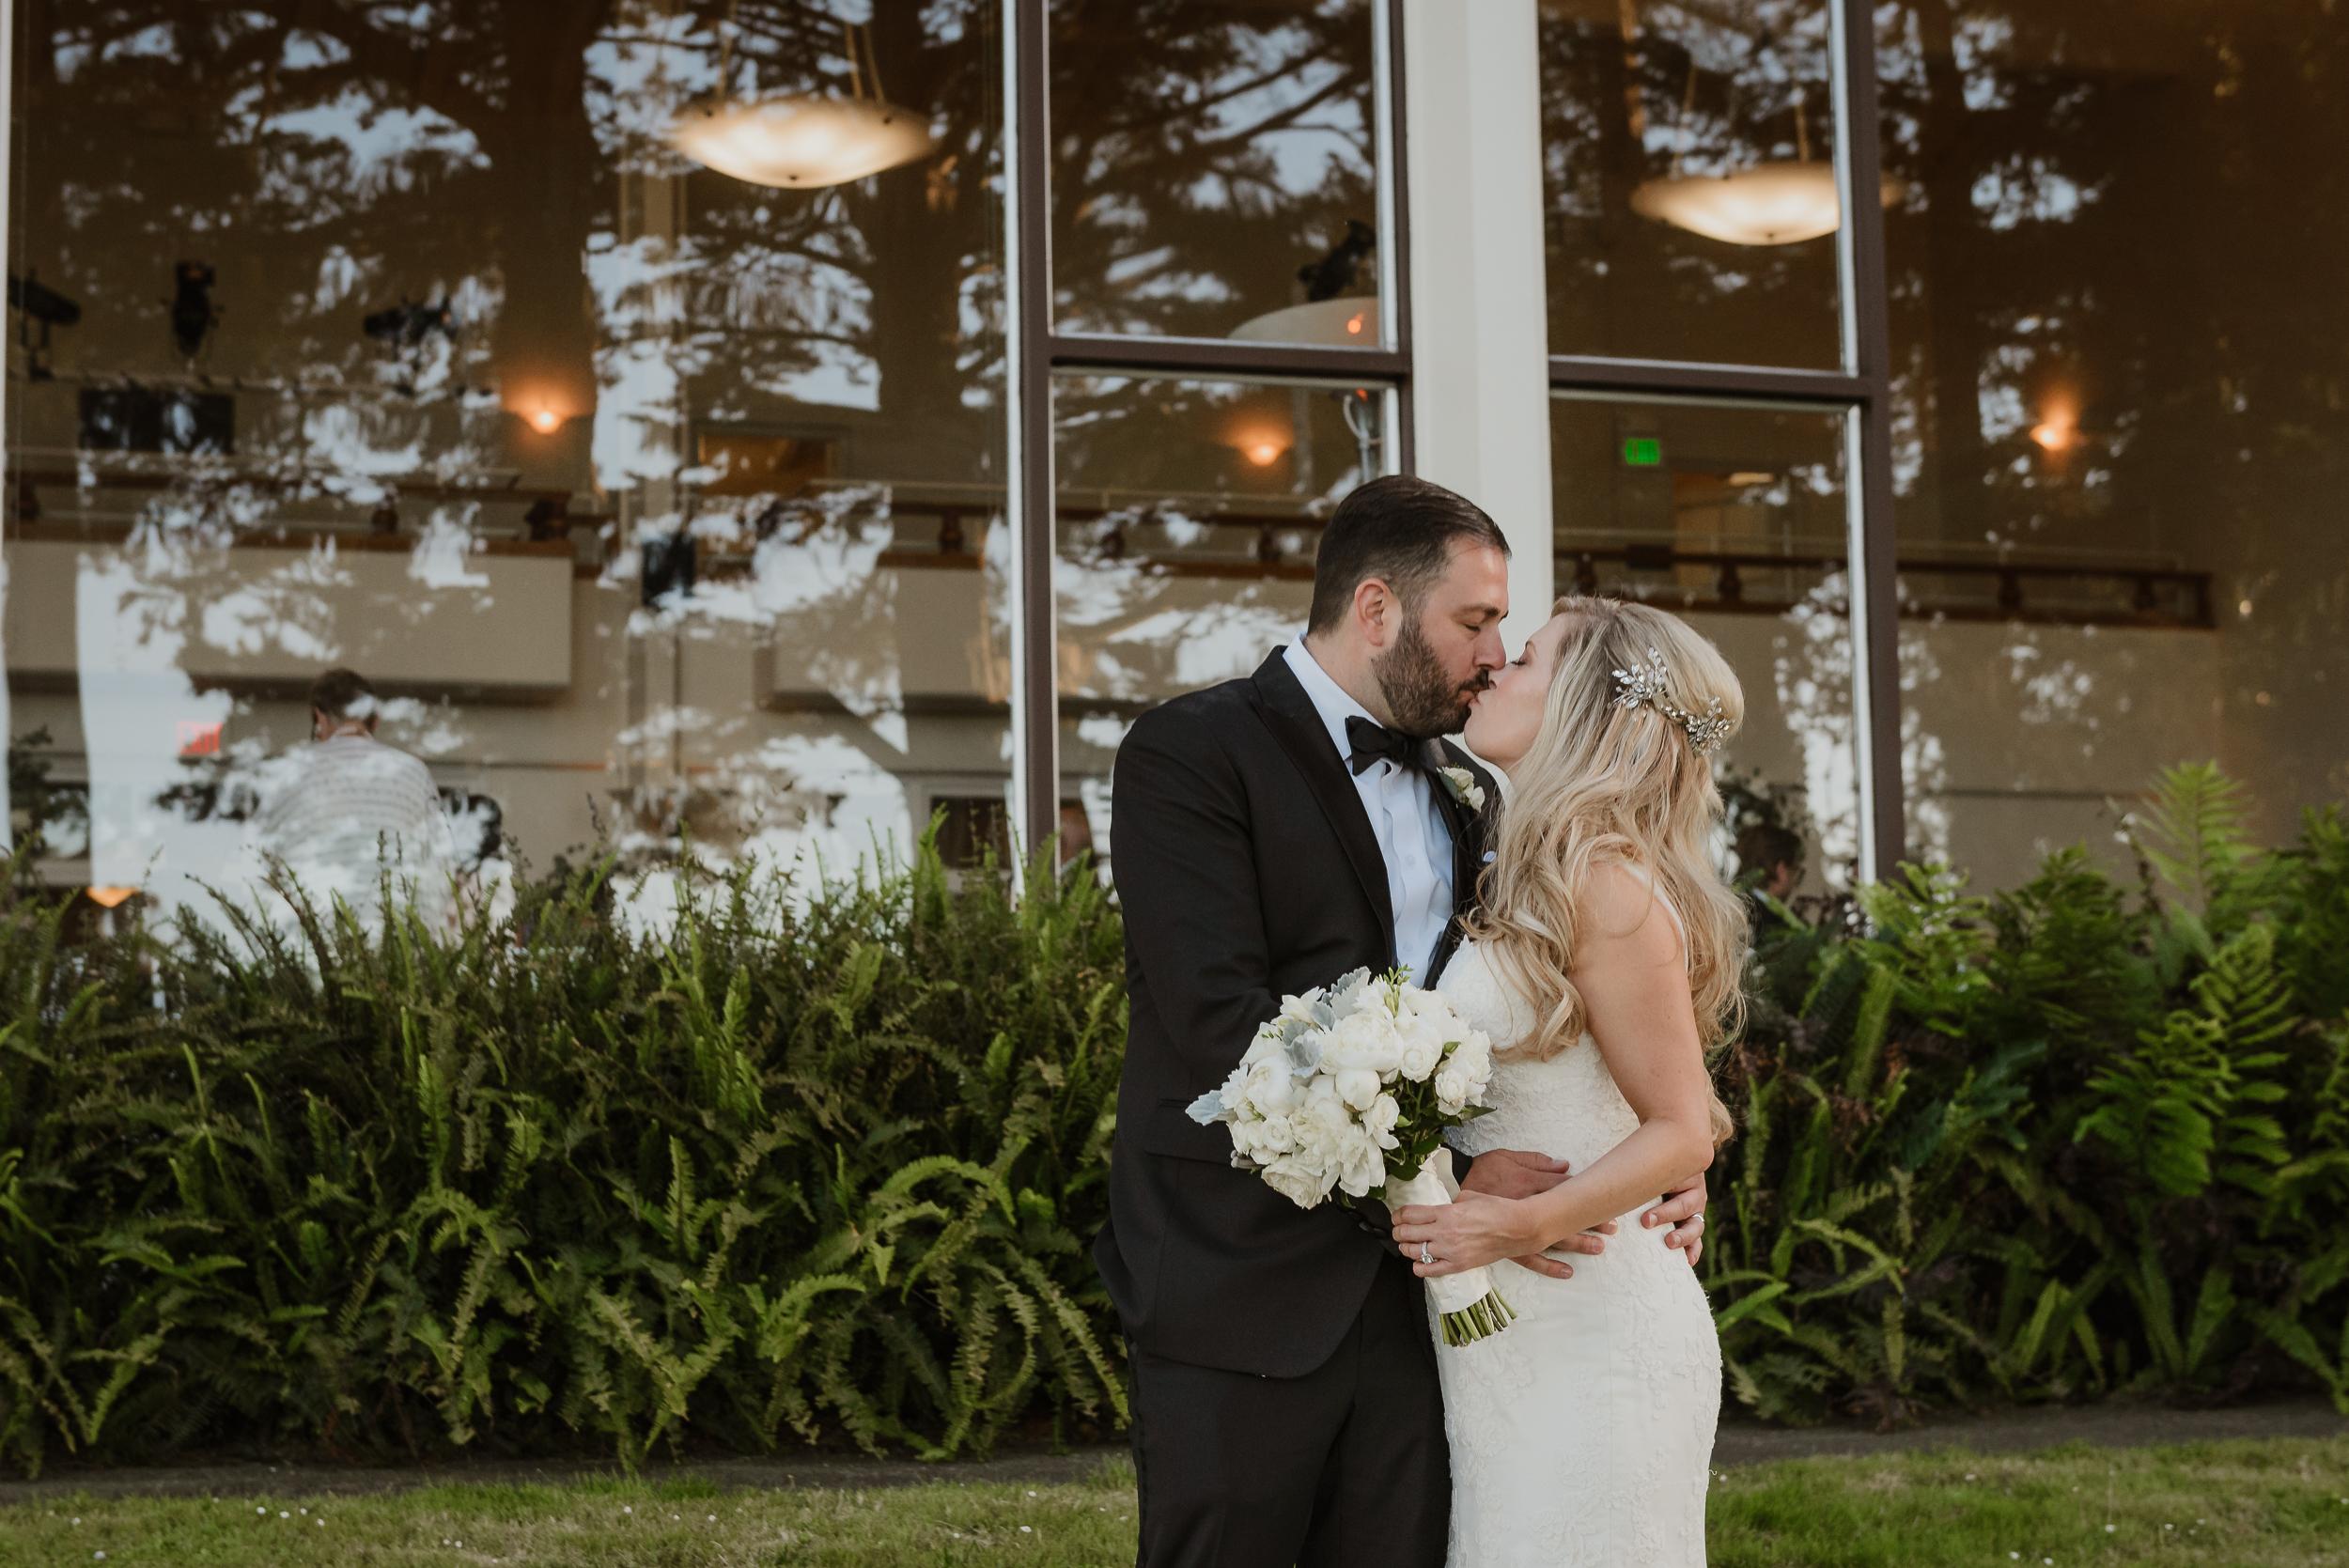 57-traditional-san-francisco-presidio-golden-gate-club-wedding-vivianchen-448.jpg